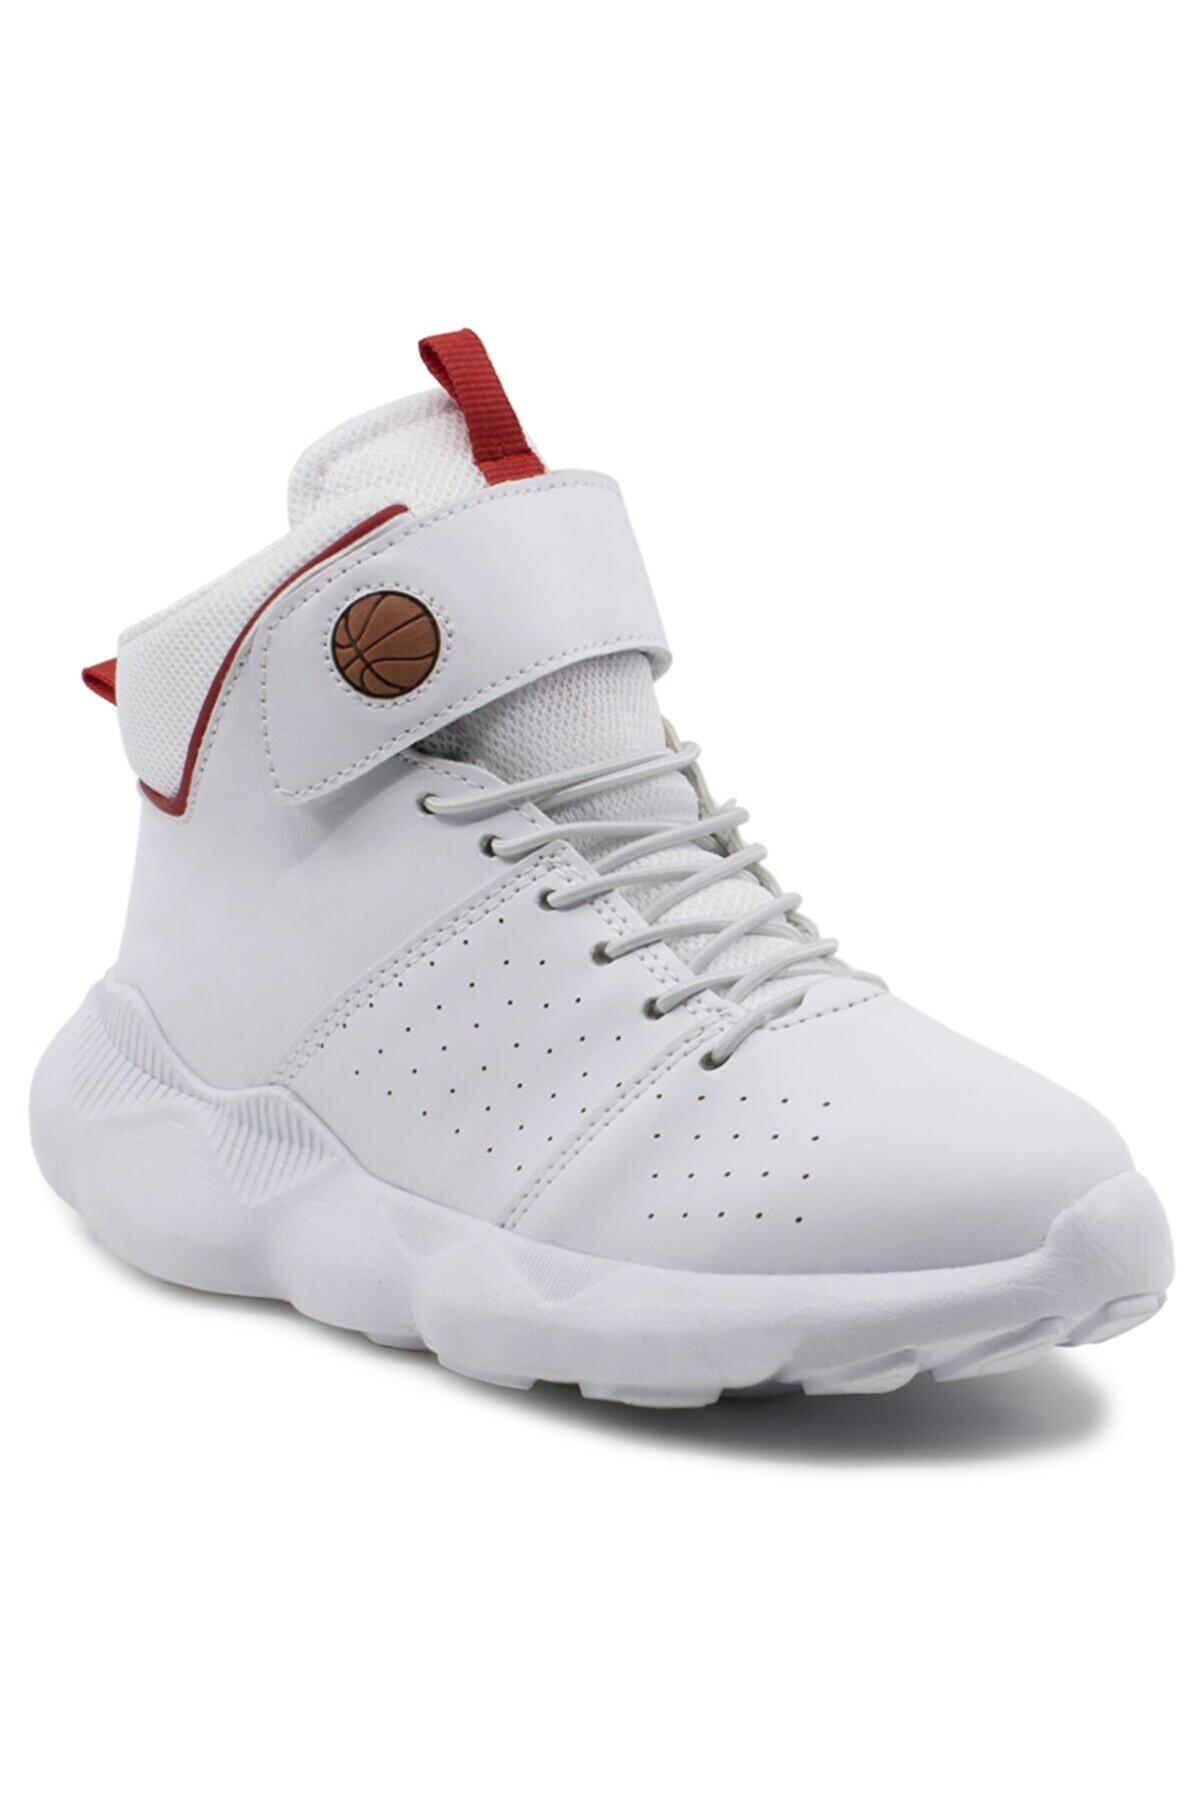 Khayt Unisex Çocuk Basketbol Spor Ayakkabı